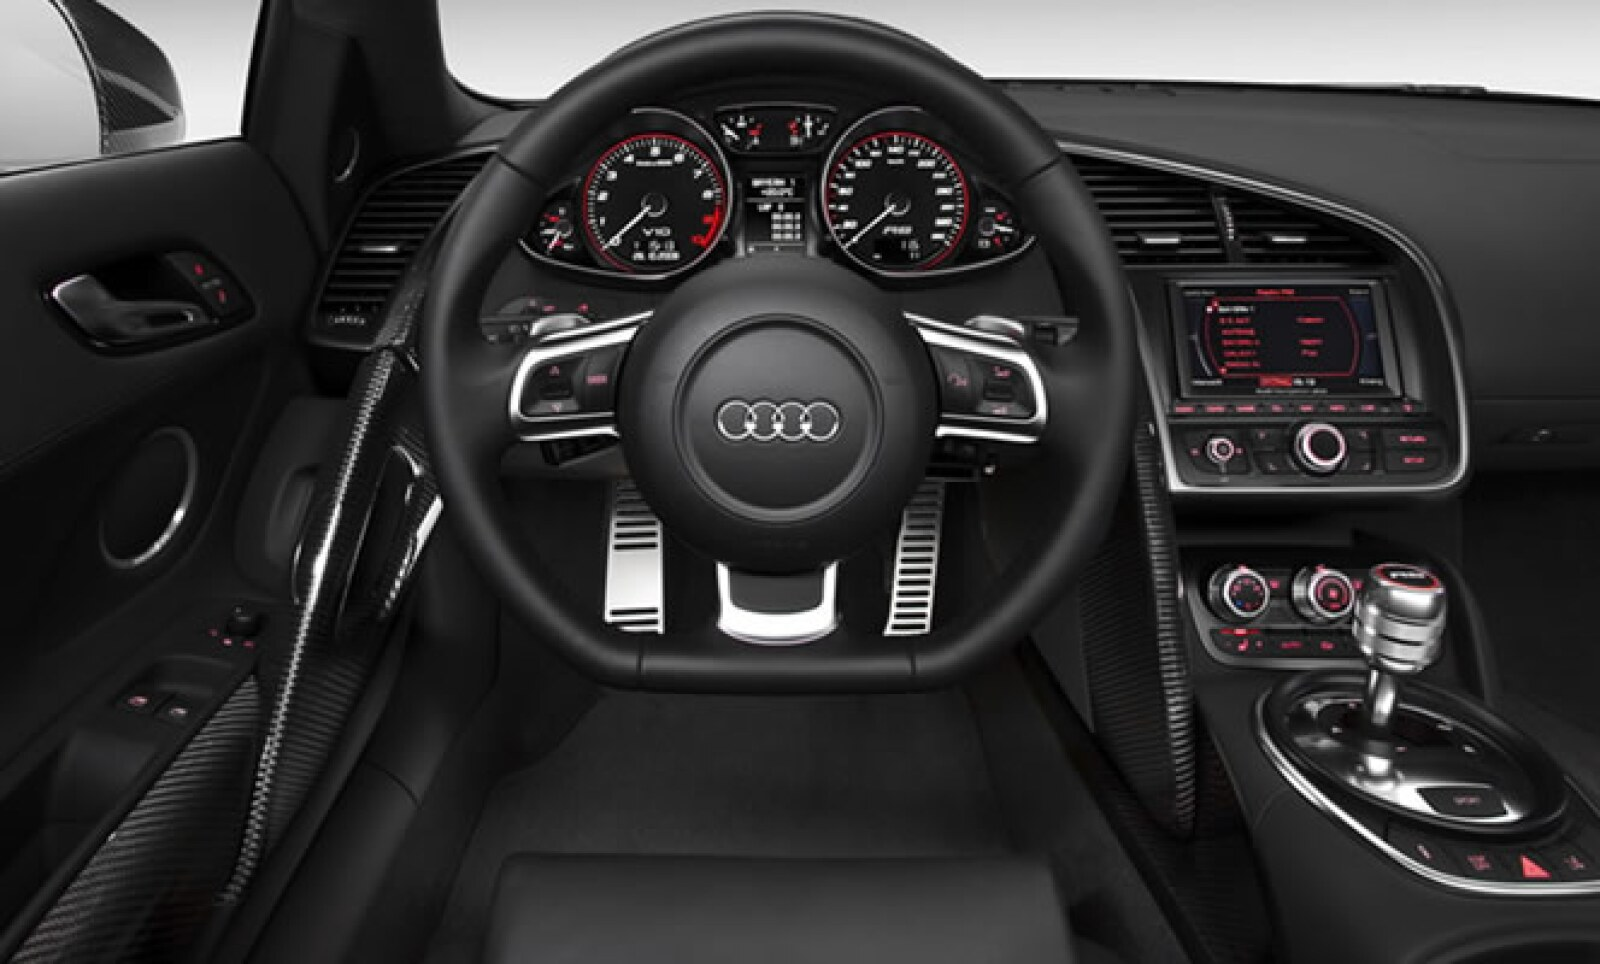 La transmisión de serie es una manual de seis posiciones, aunque la automática de nombre R-Tronic es opcional.